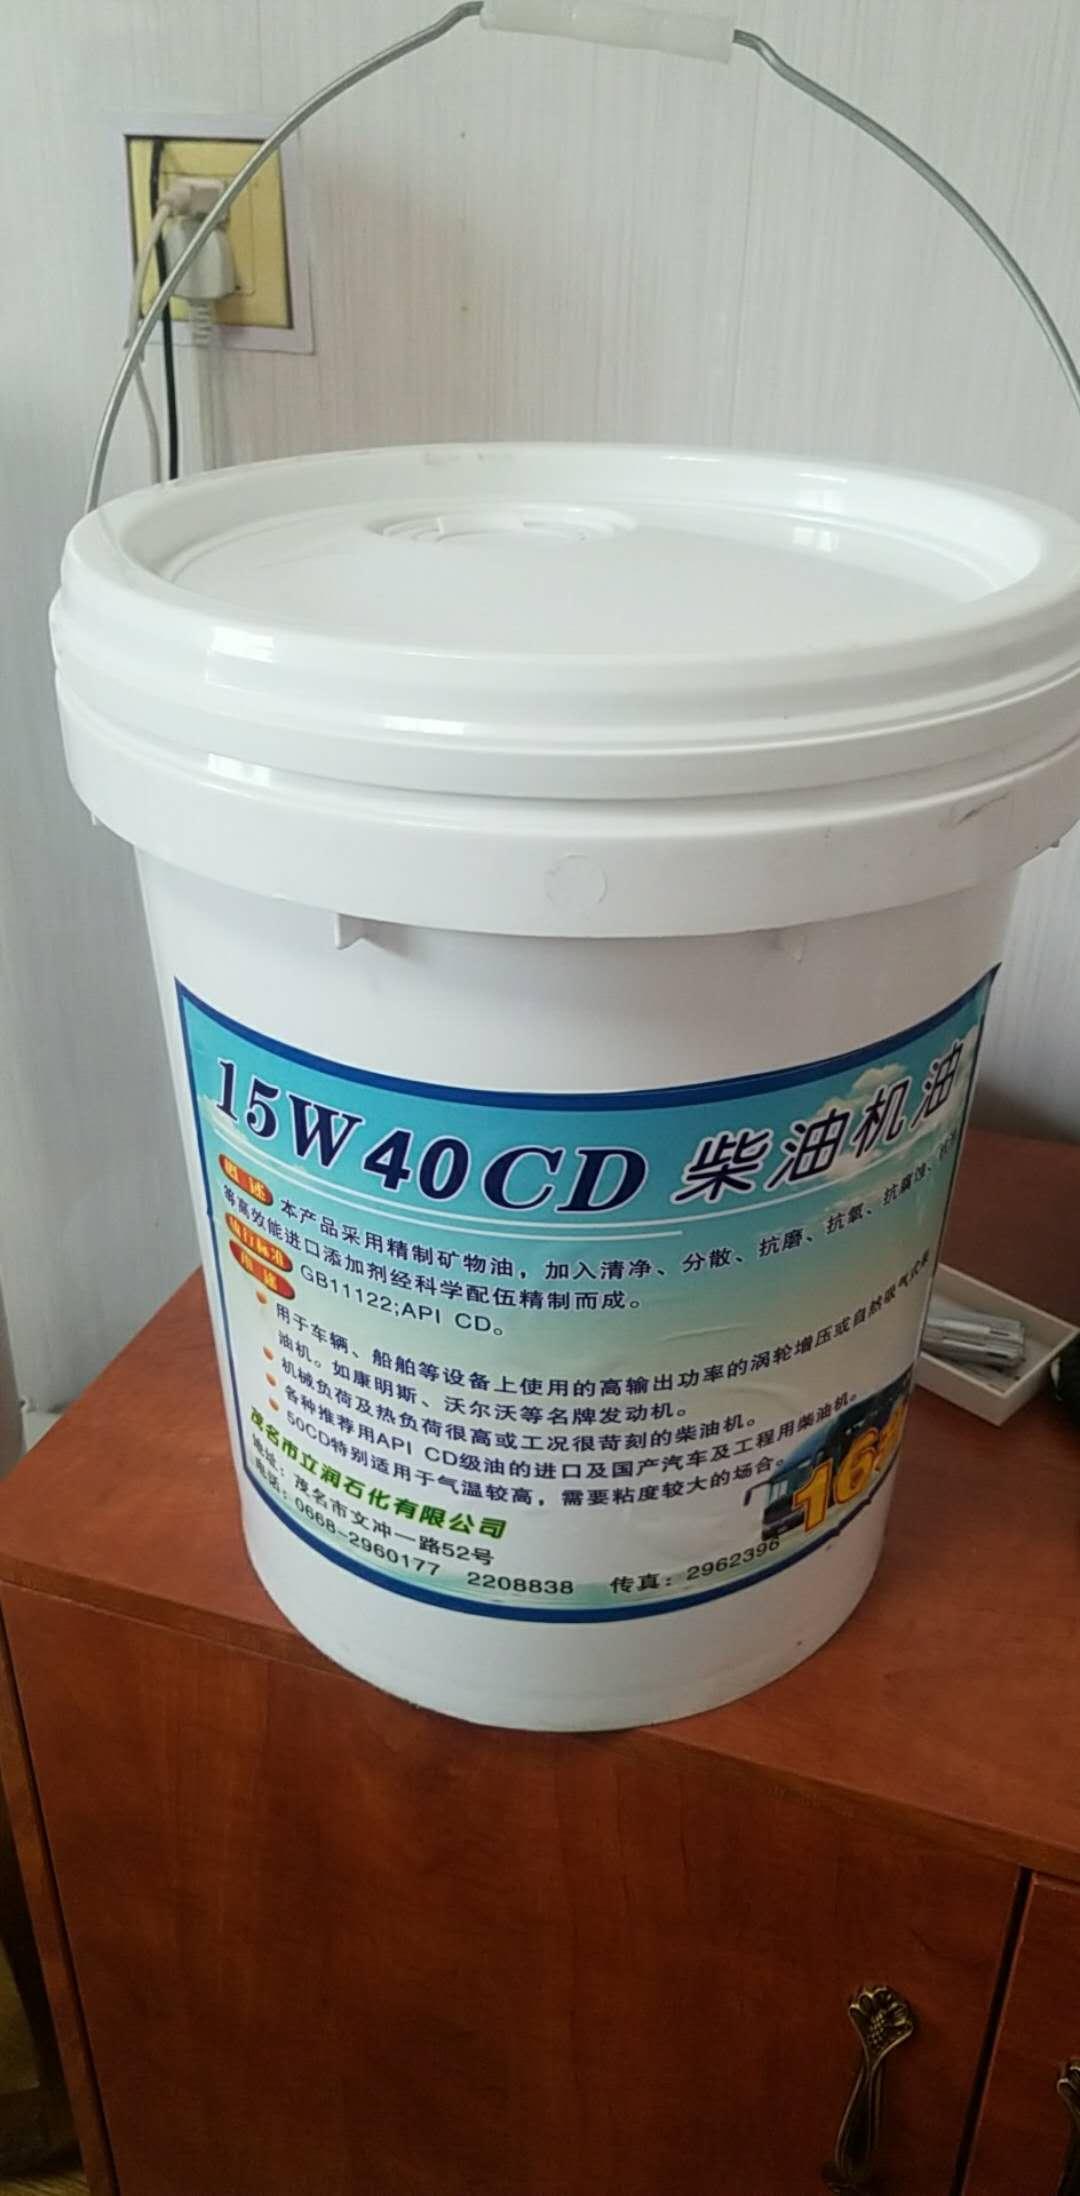 液力传动 15W 15W 40CD 15W 40CD 柴油机油